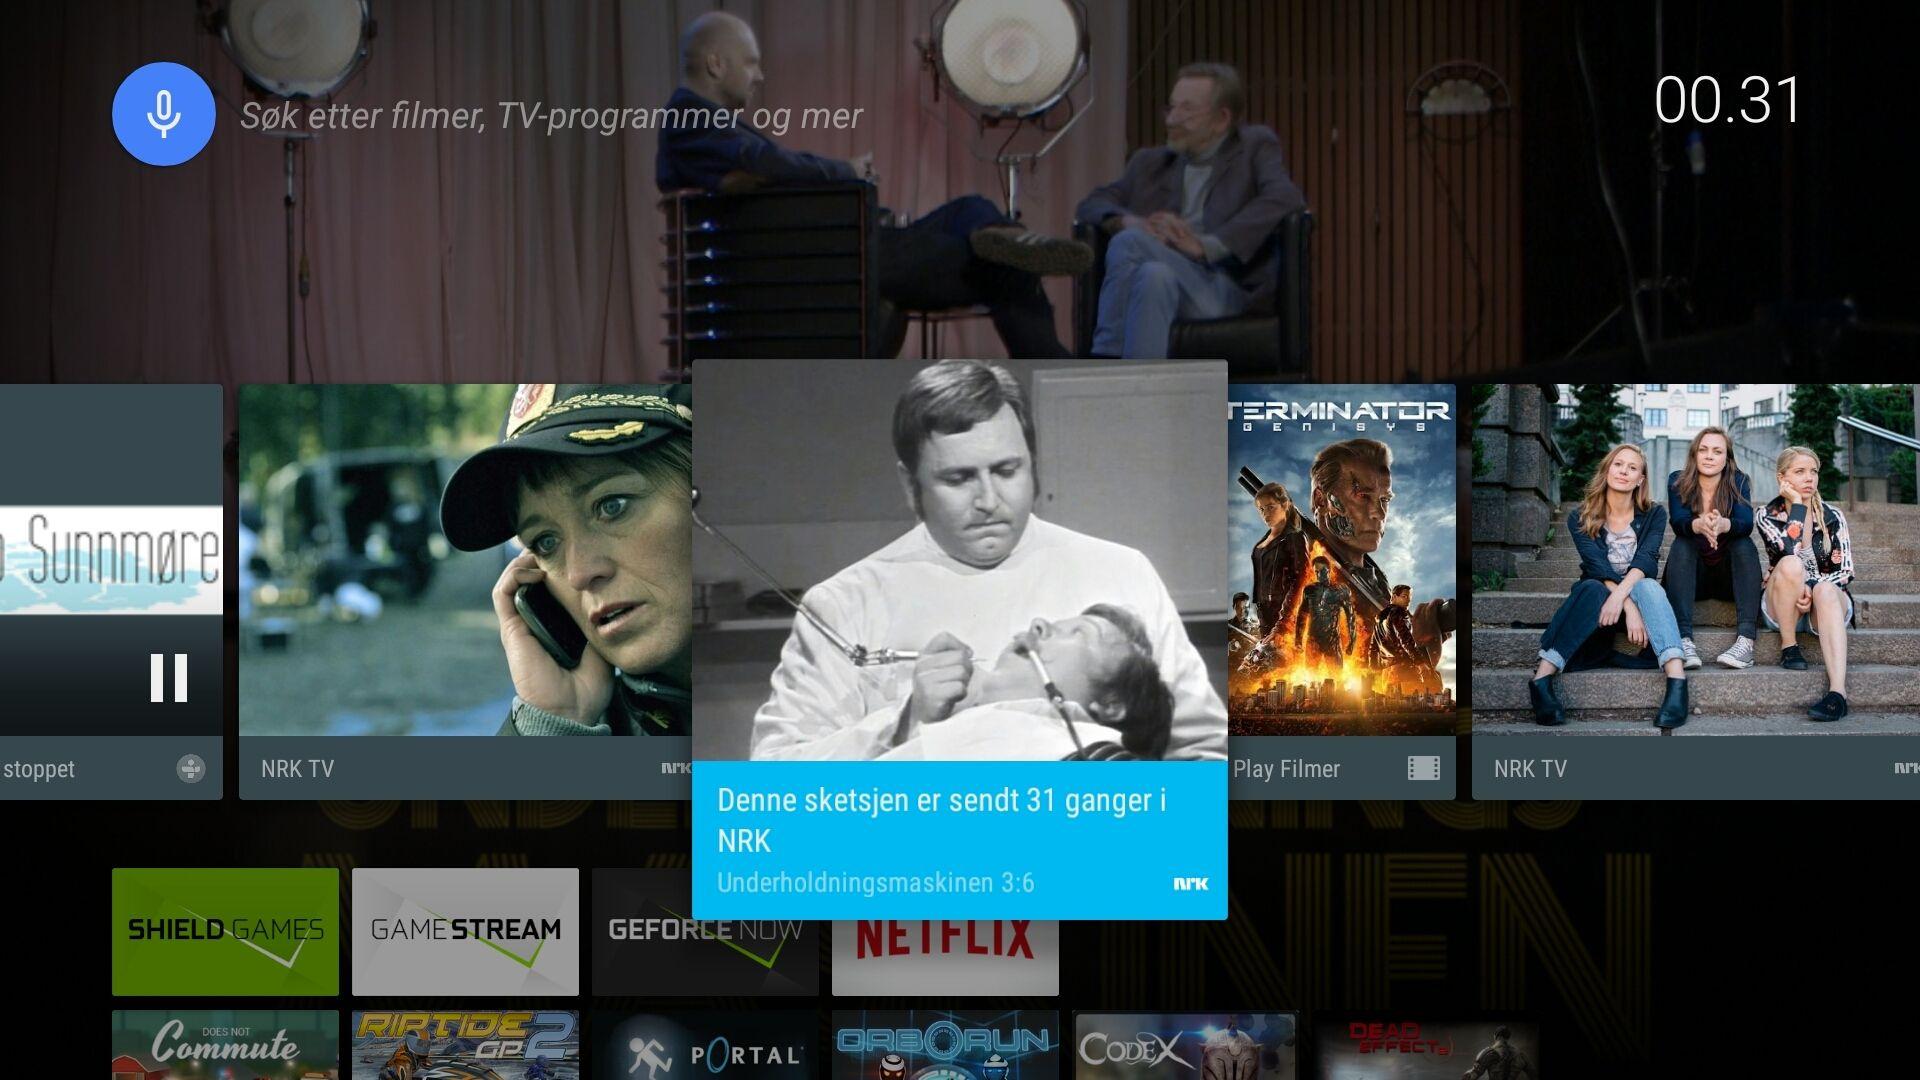 Android på TV er i hovedsak Googles design. Her ser vi også at NRK-appen dytter ut lenker direkte til interessant innhold. Foto: Finn Jarle Kvalheim, Tek.no